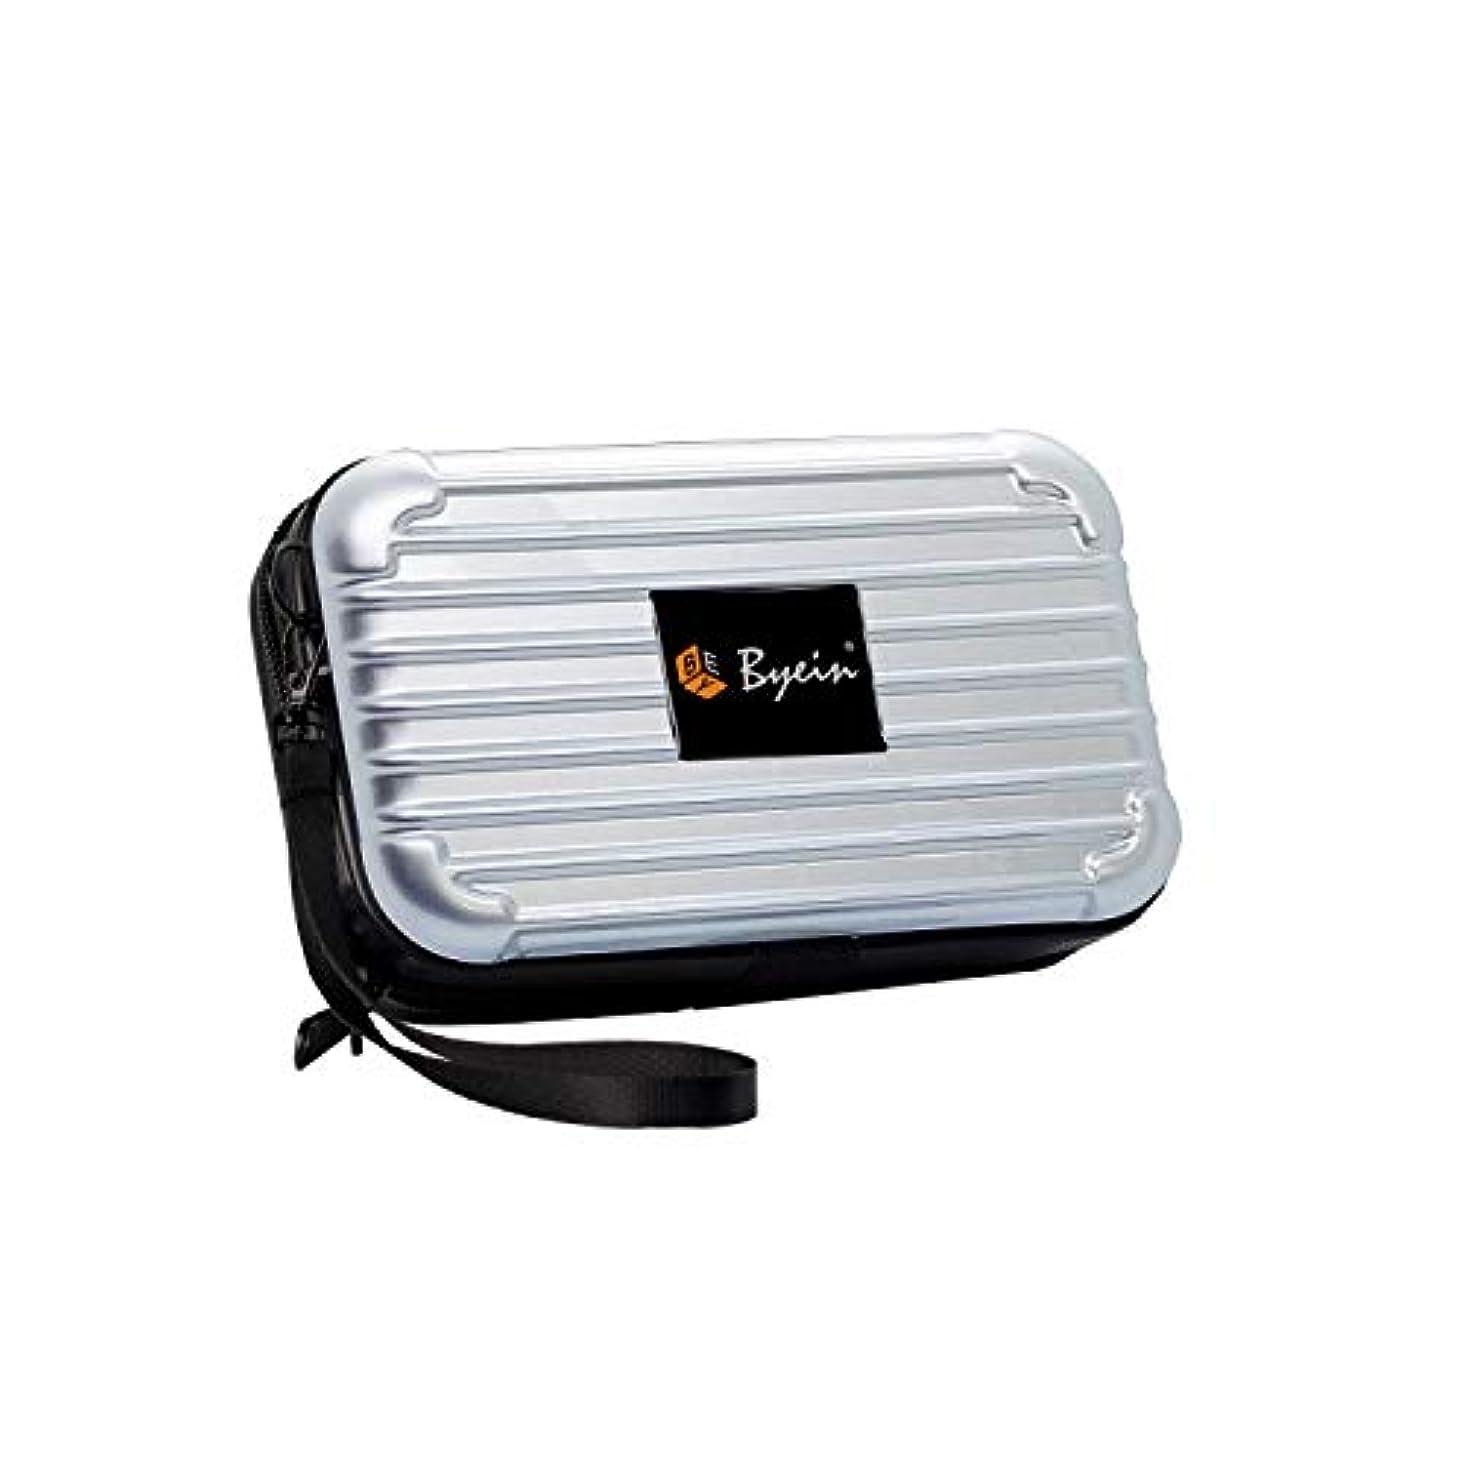 観察する組み合わせ幸運BYEIN 化粧ポーチ 多機能ポーチ 収納バッグ 軽量 旅行 出張 お出かけ 持ち運び便利 スーツケース型